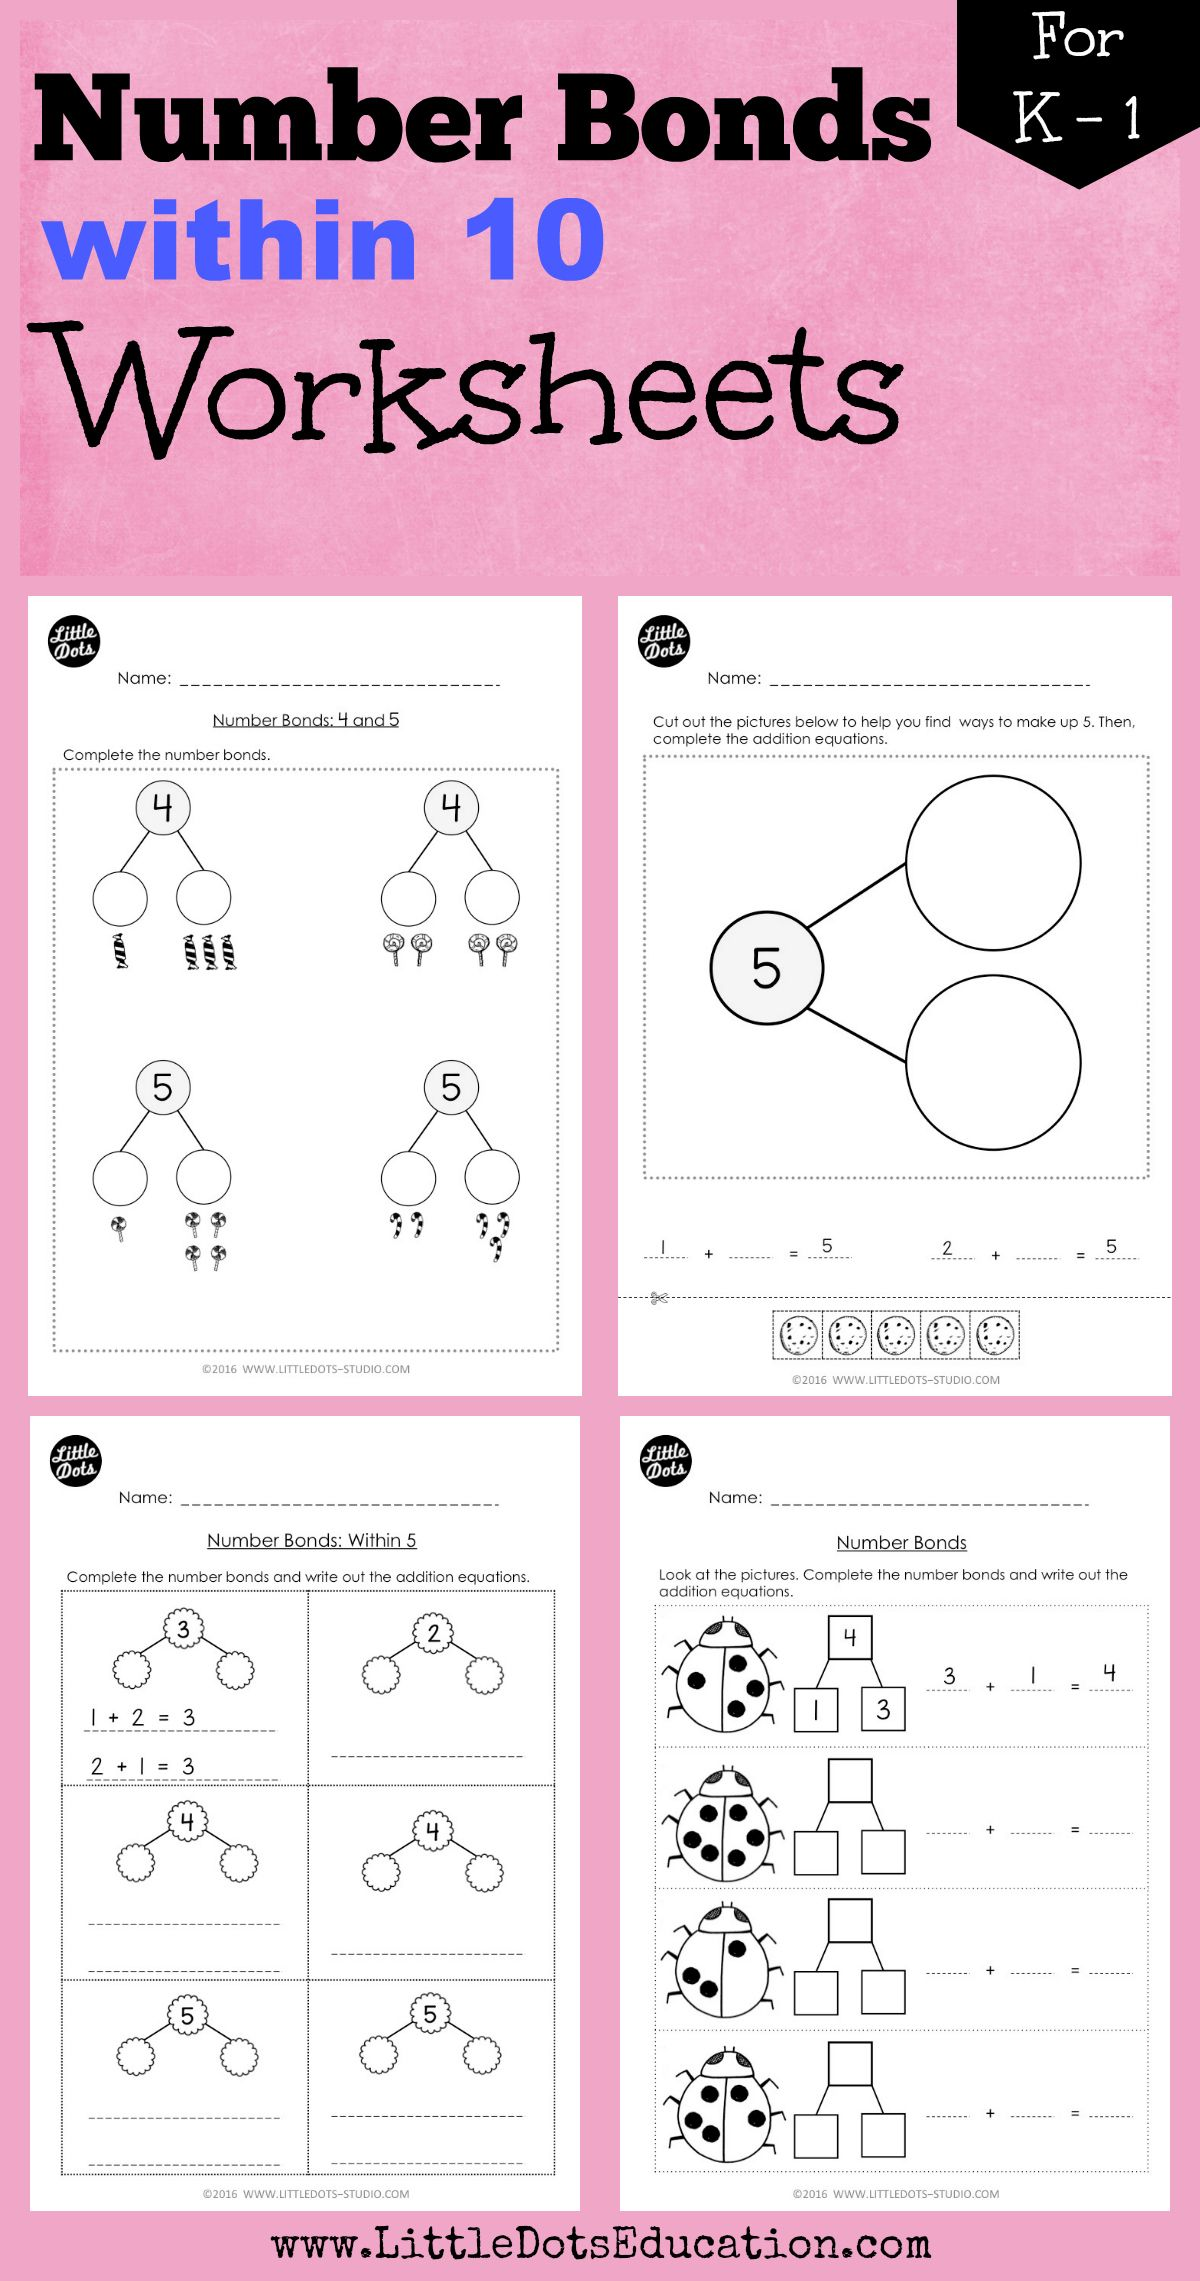 worksheet Number Bonds To 10 Worksheet download number bonds worksheets within 10 for kindergarten to grade 1